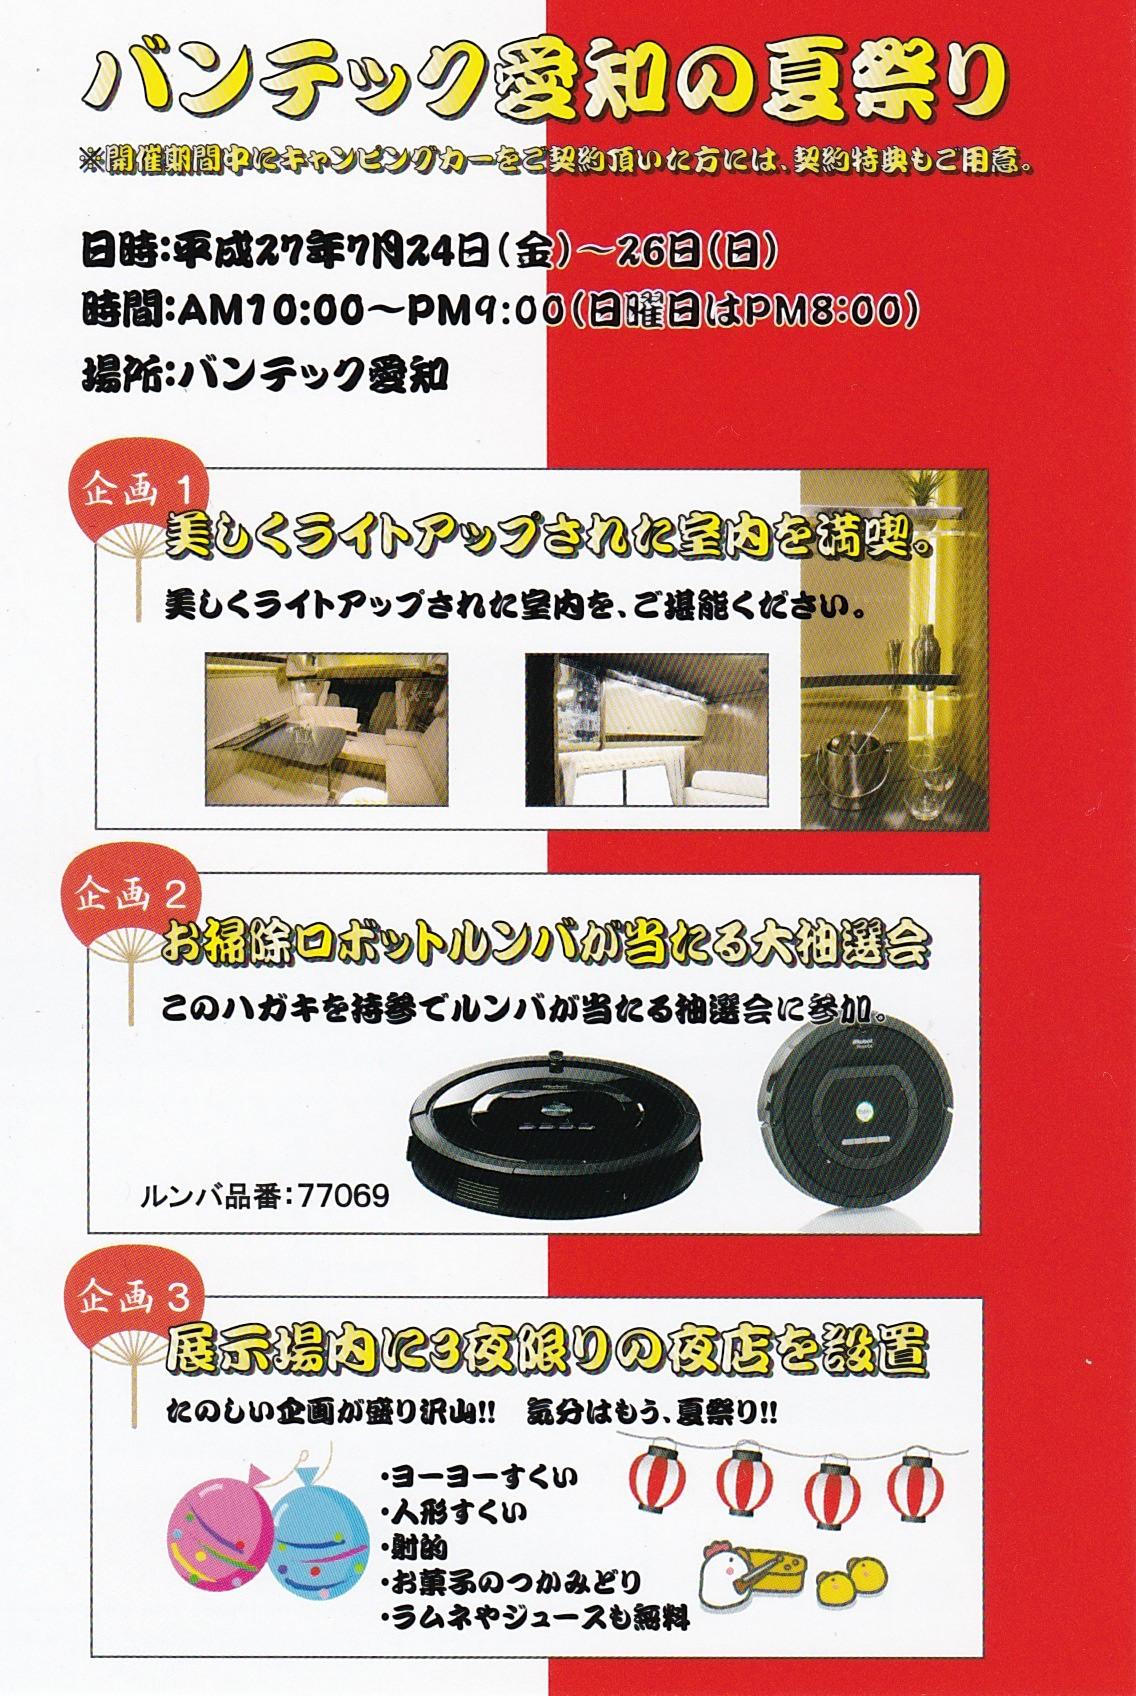 http://www.vantech.jp/shops/aichi/IMG_20150714_0001.jpg